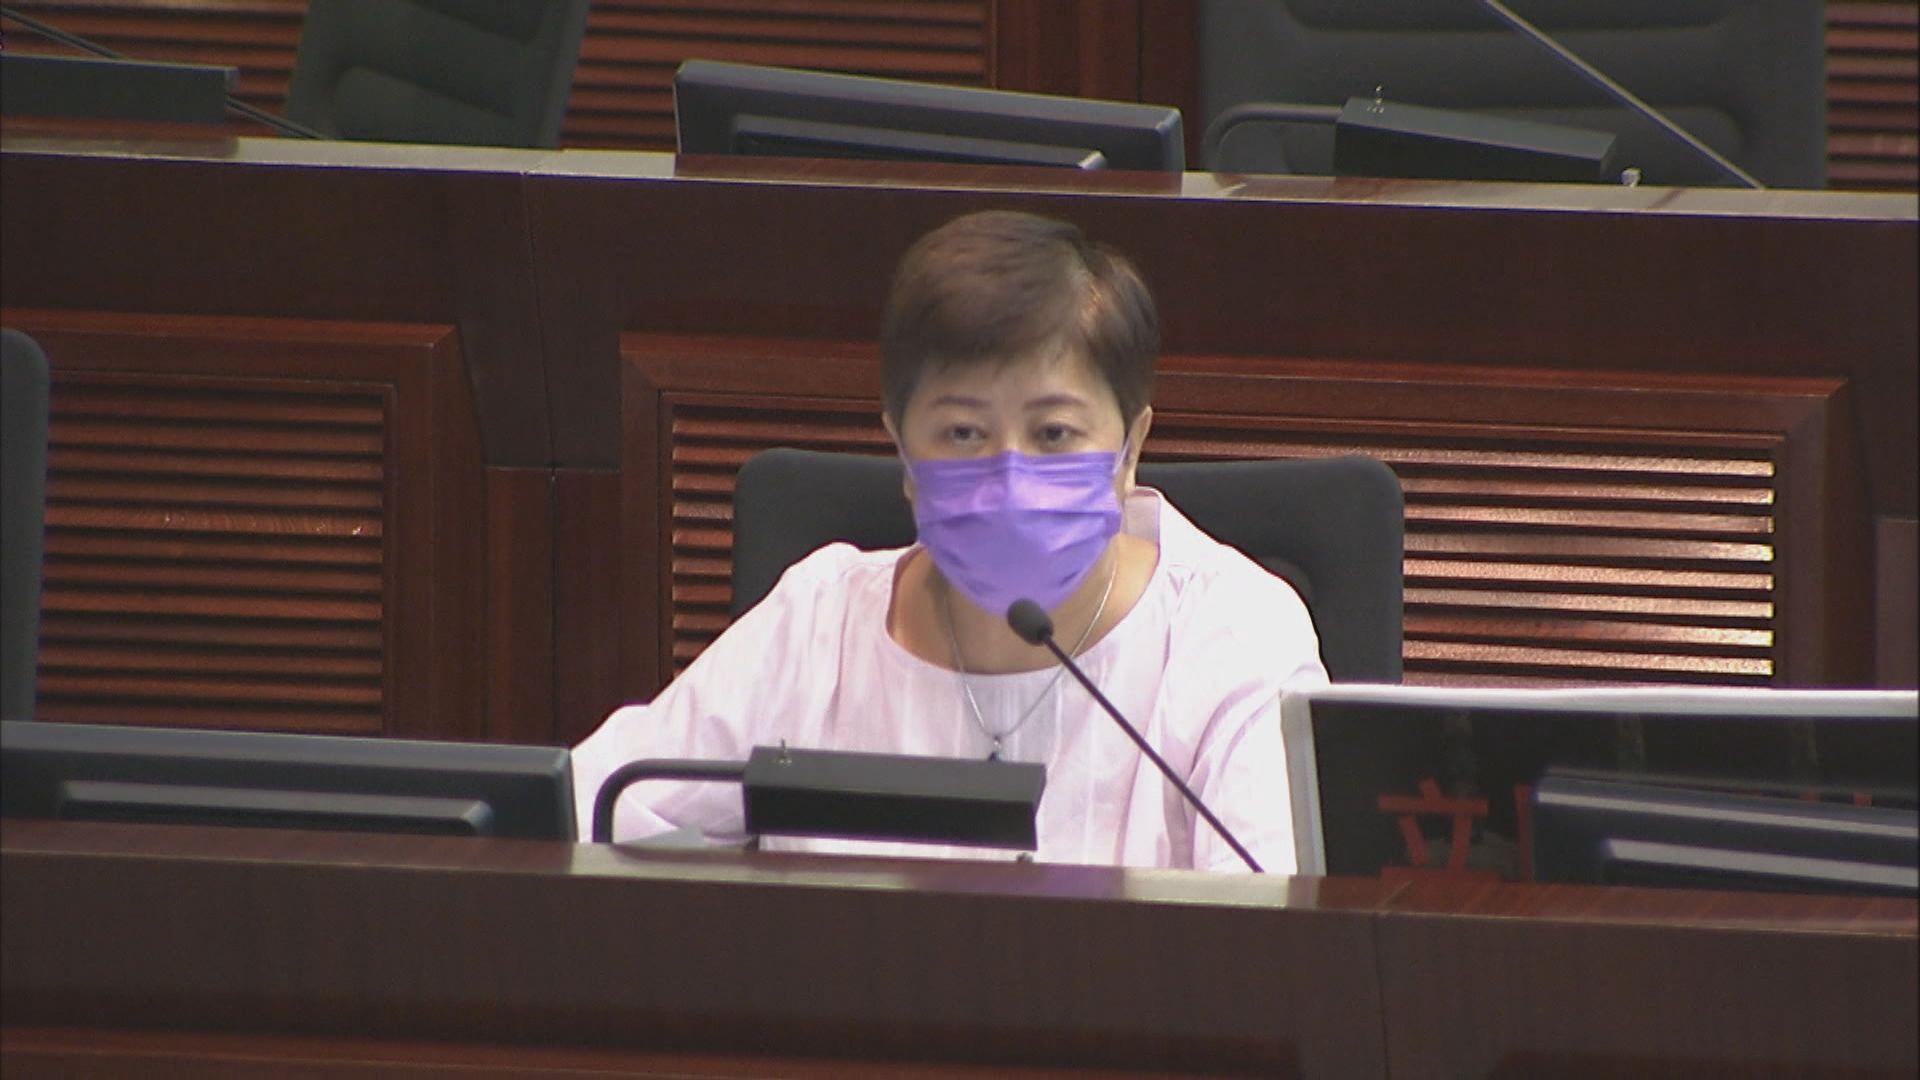 議員質疑新一輪抗疫基金措施未能令市民直接受惠